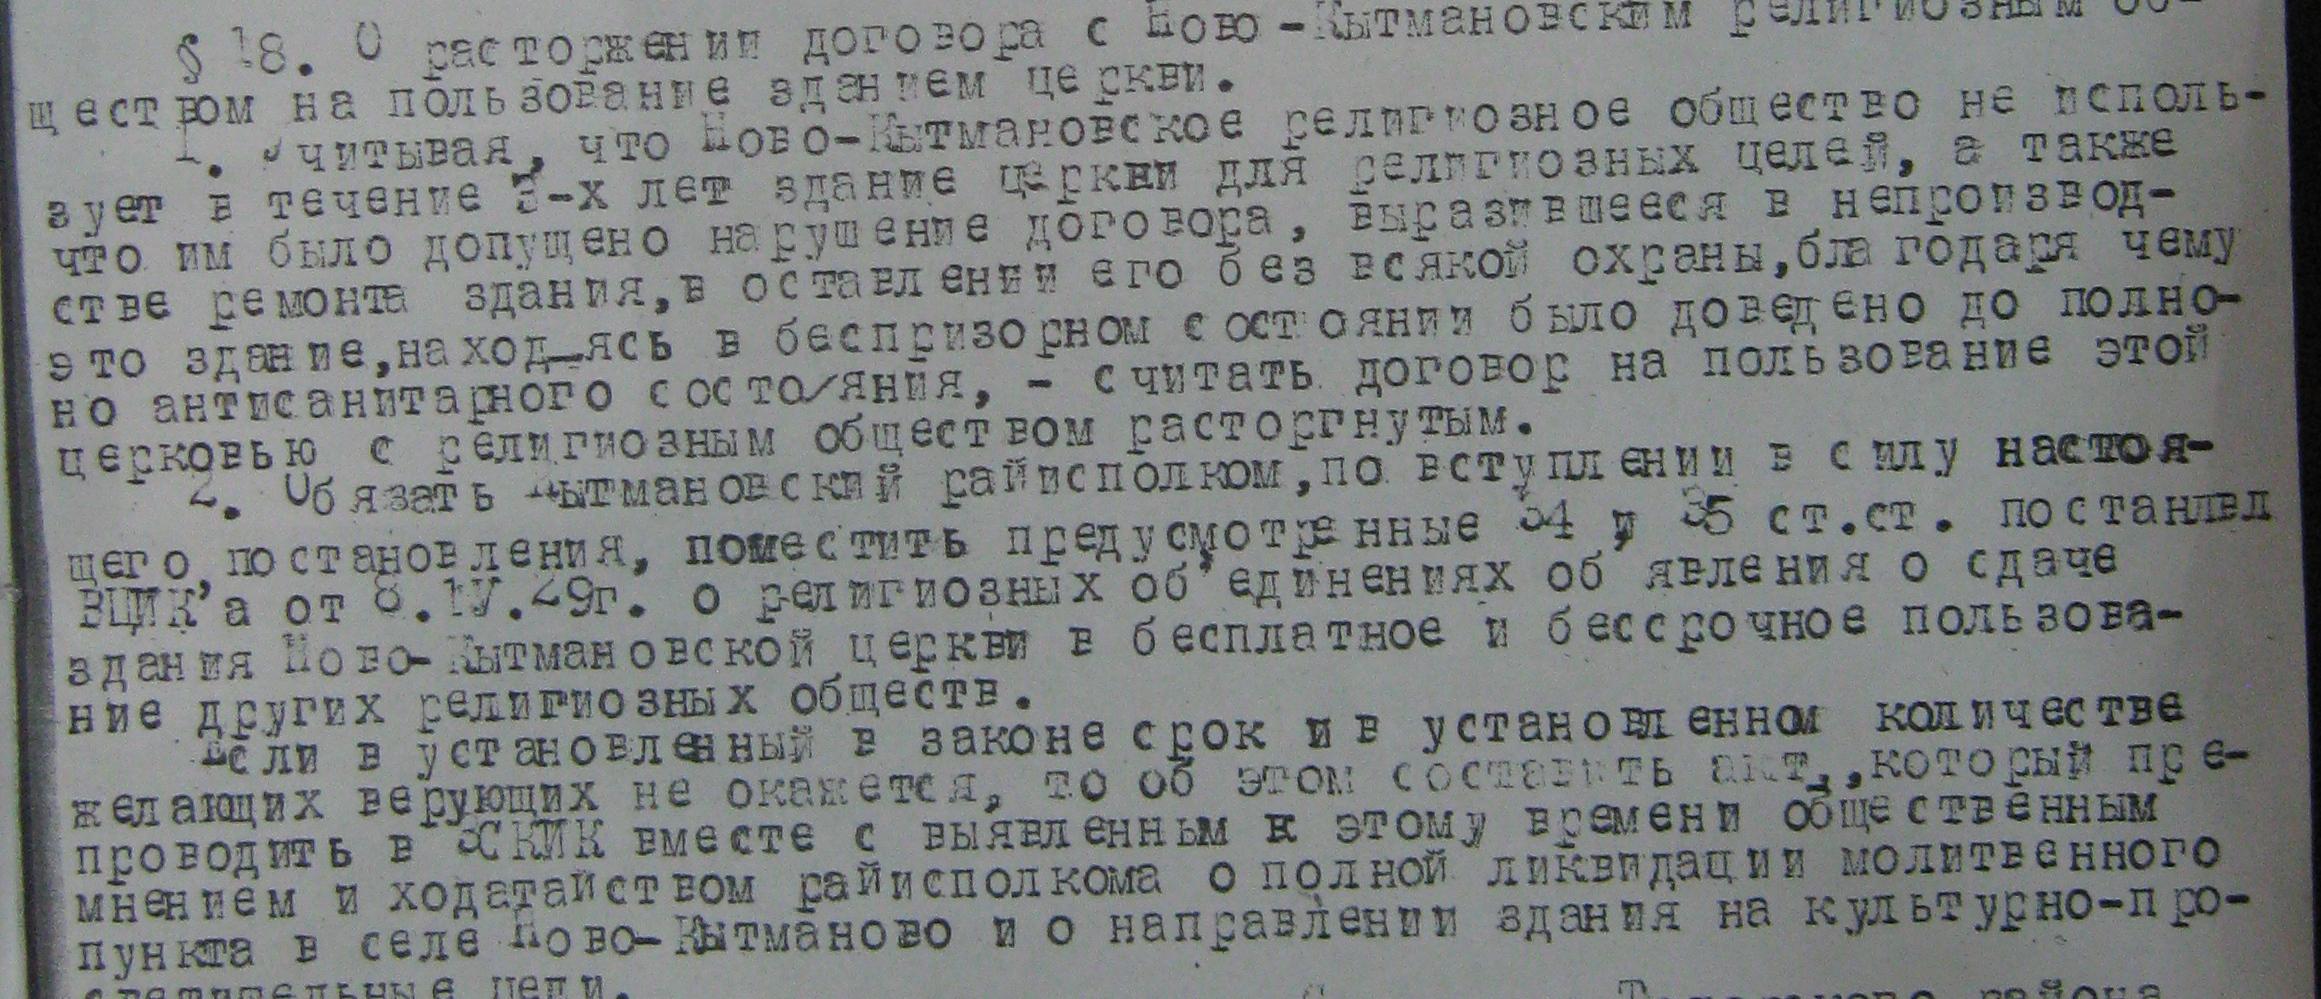 punkt-18